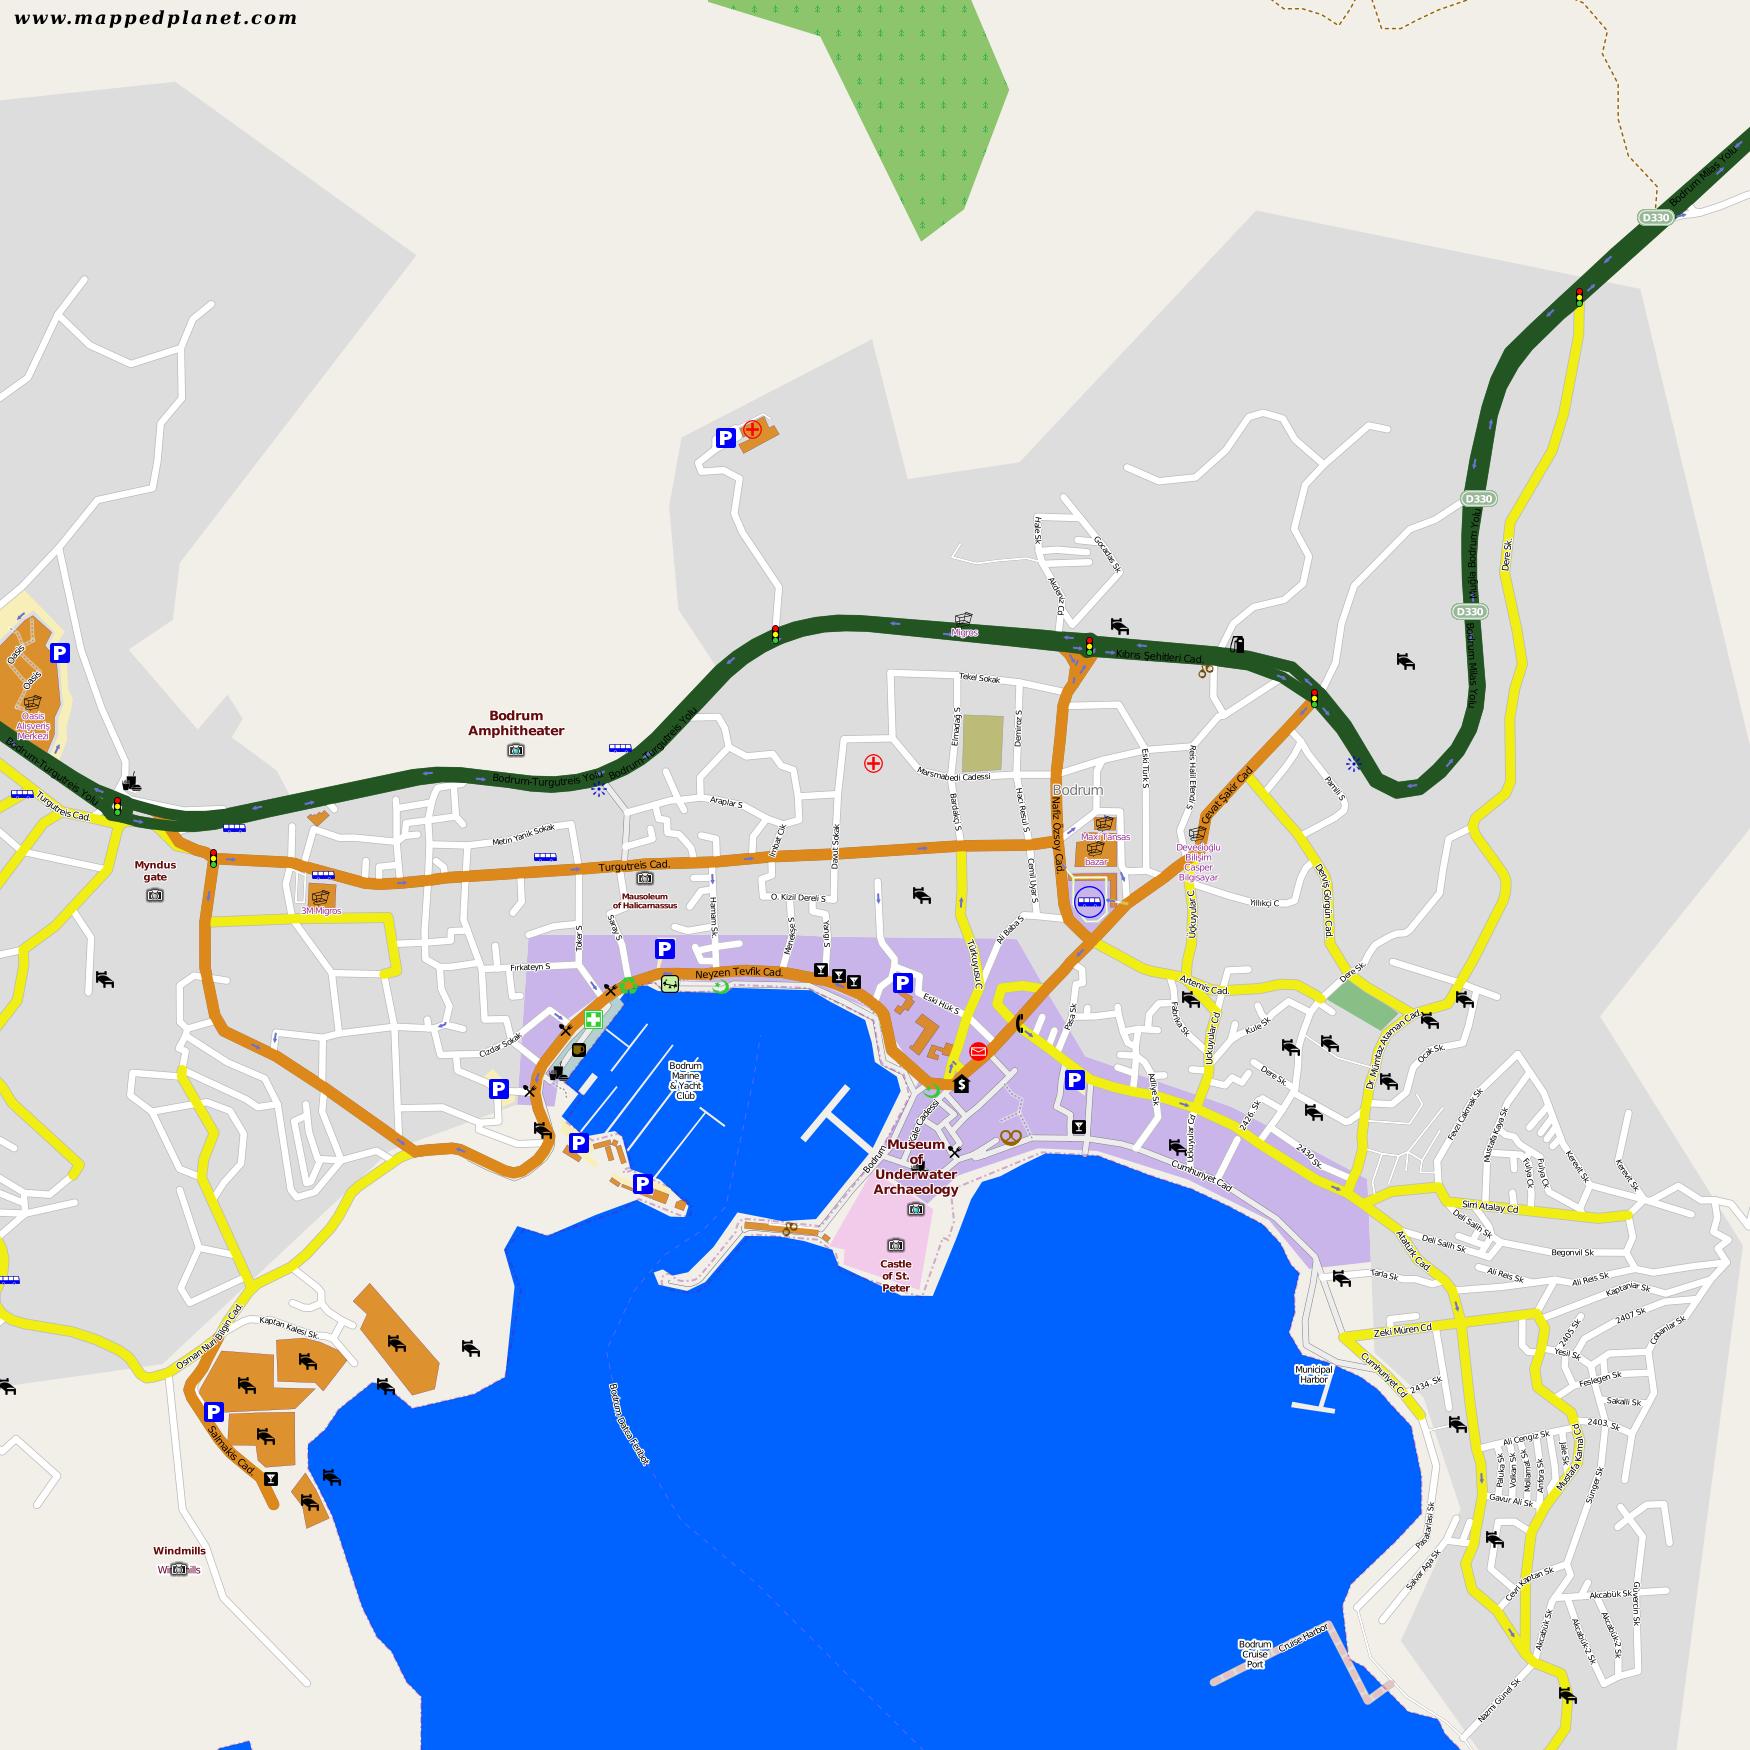 Bodrum Karte.Karten Und Stadtpläne Bodrum